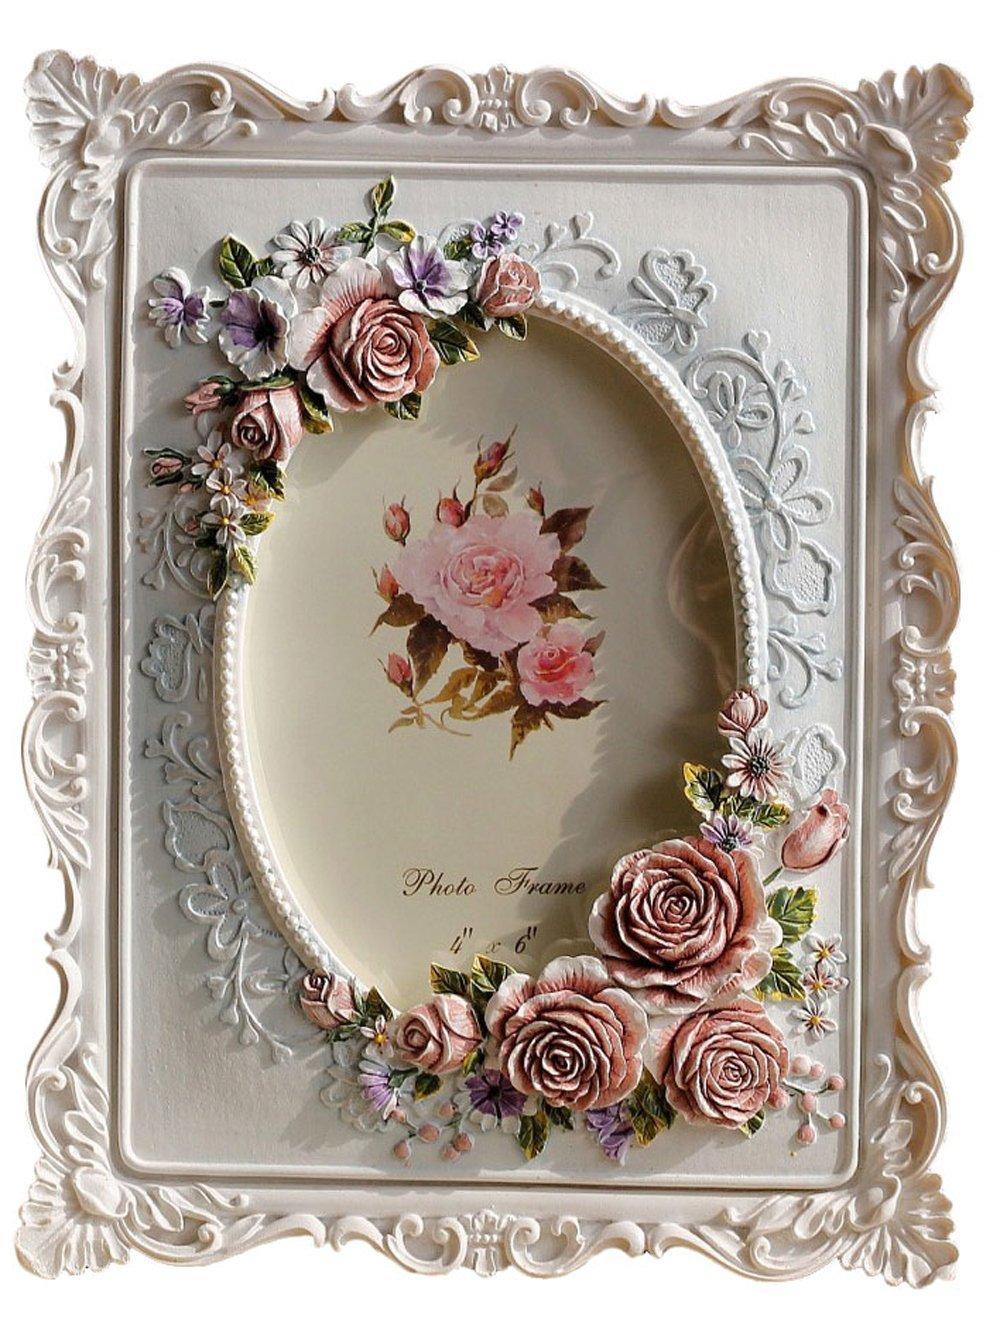 Amazon.de: Giftgarden Bilderrahmen 10x15 mit Rosen idyllisch Oval ...